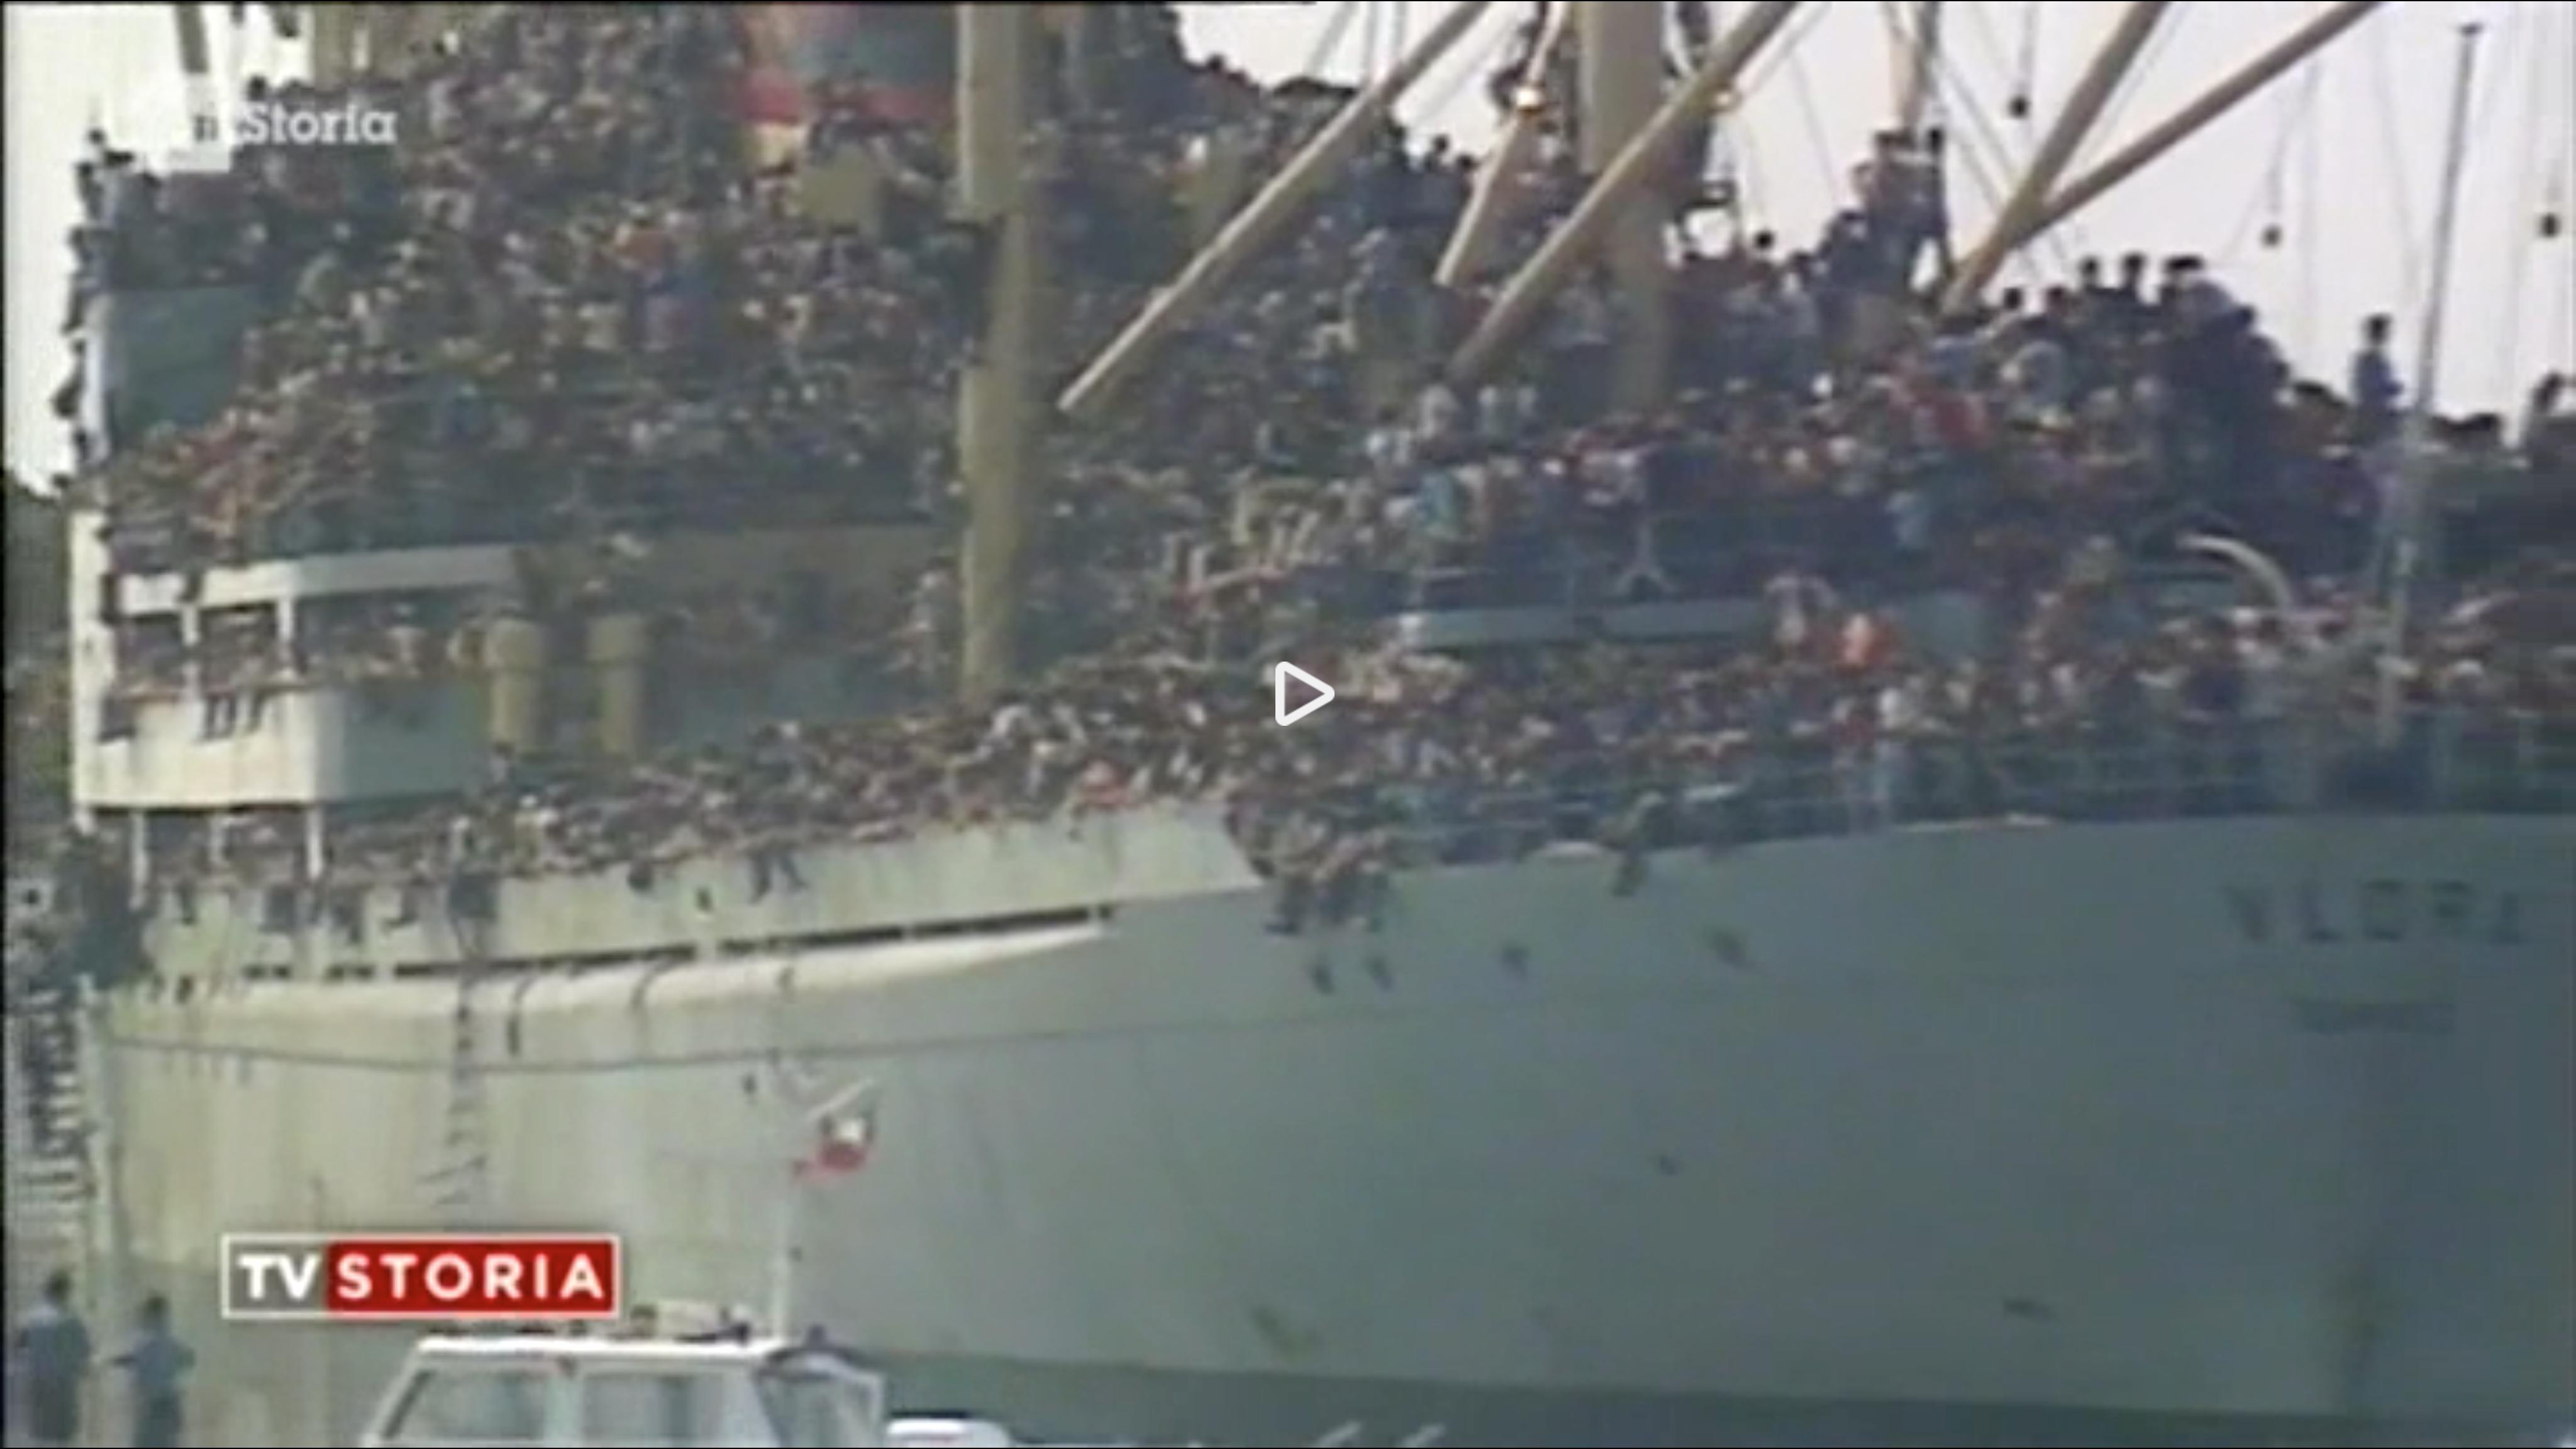 Warning in television: 20.000 Albanians arrive at Bari